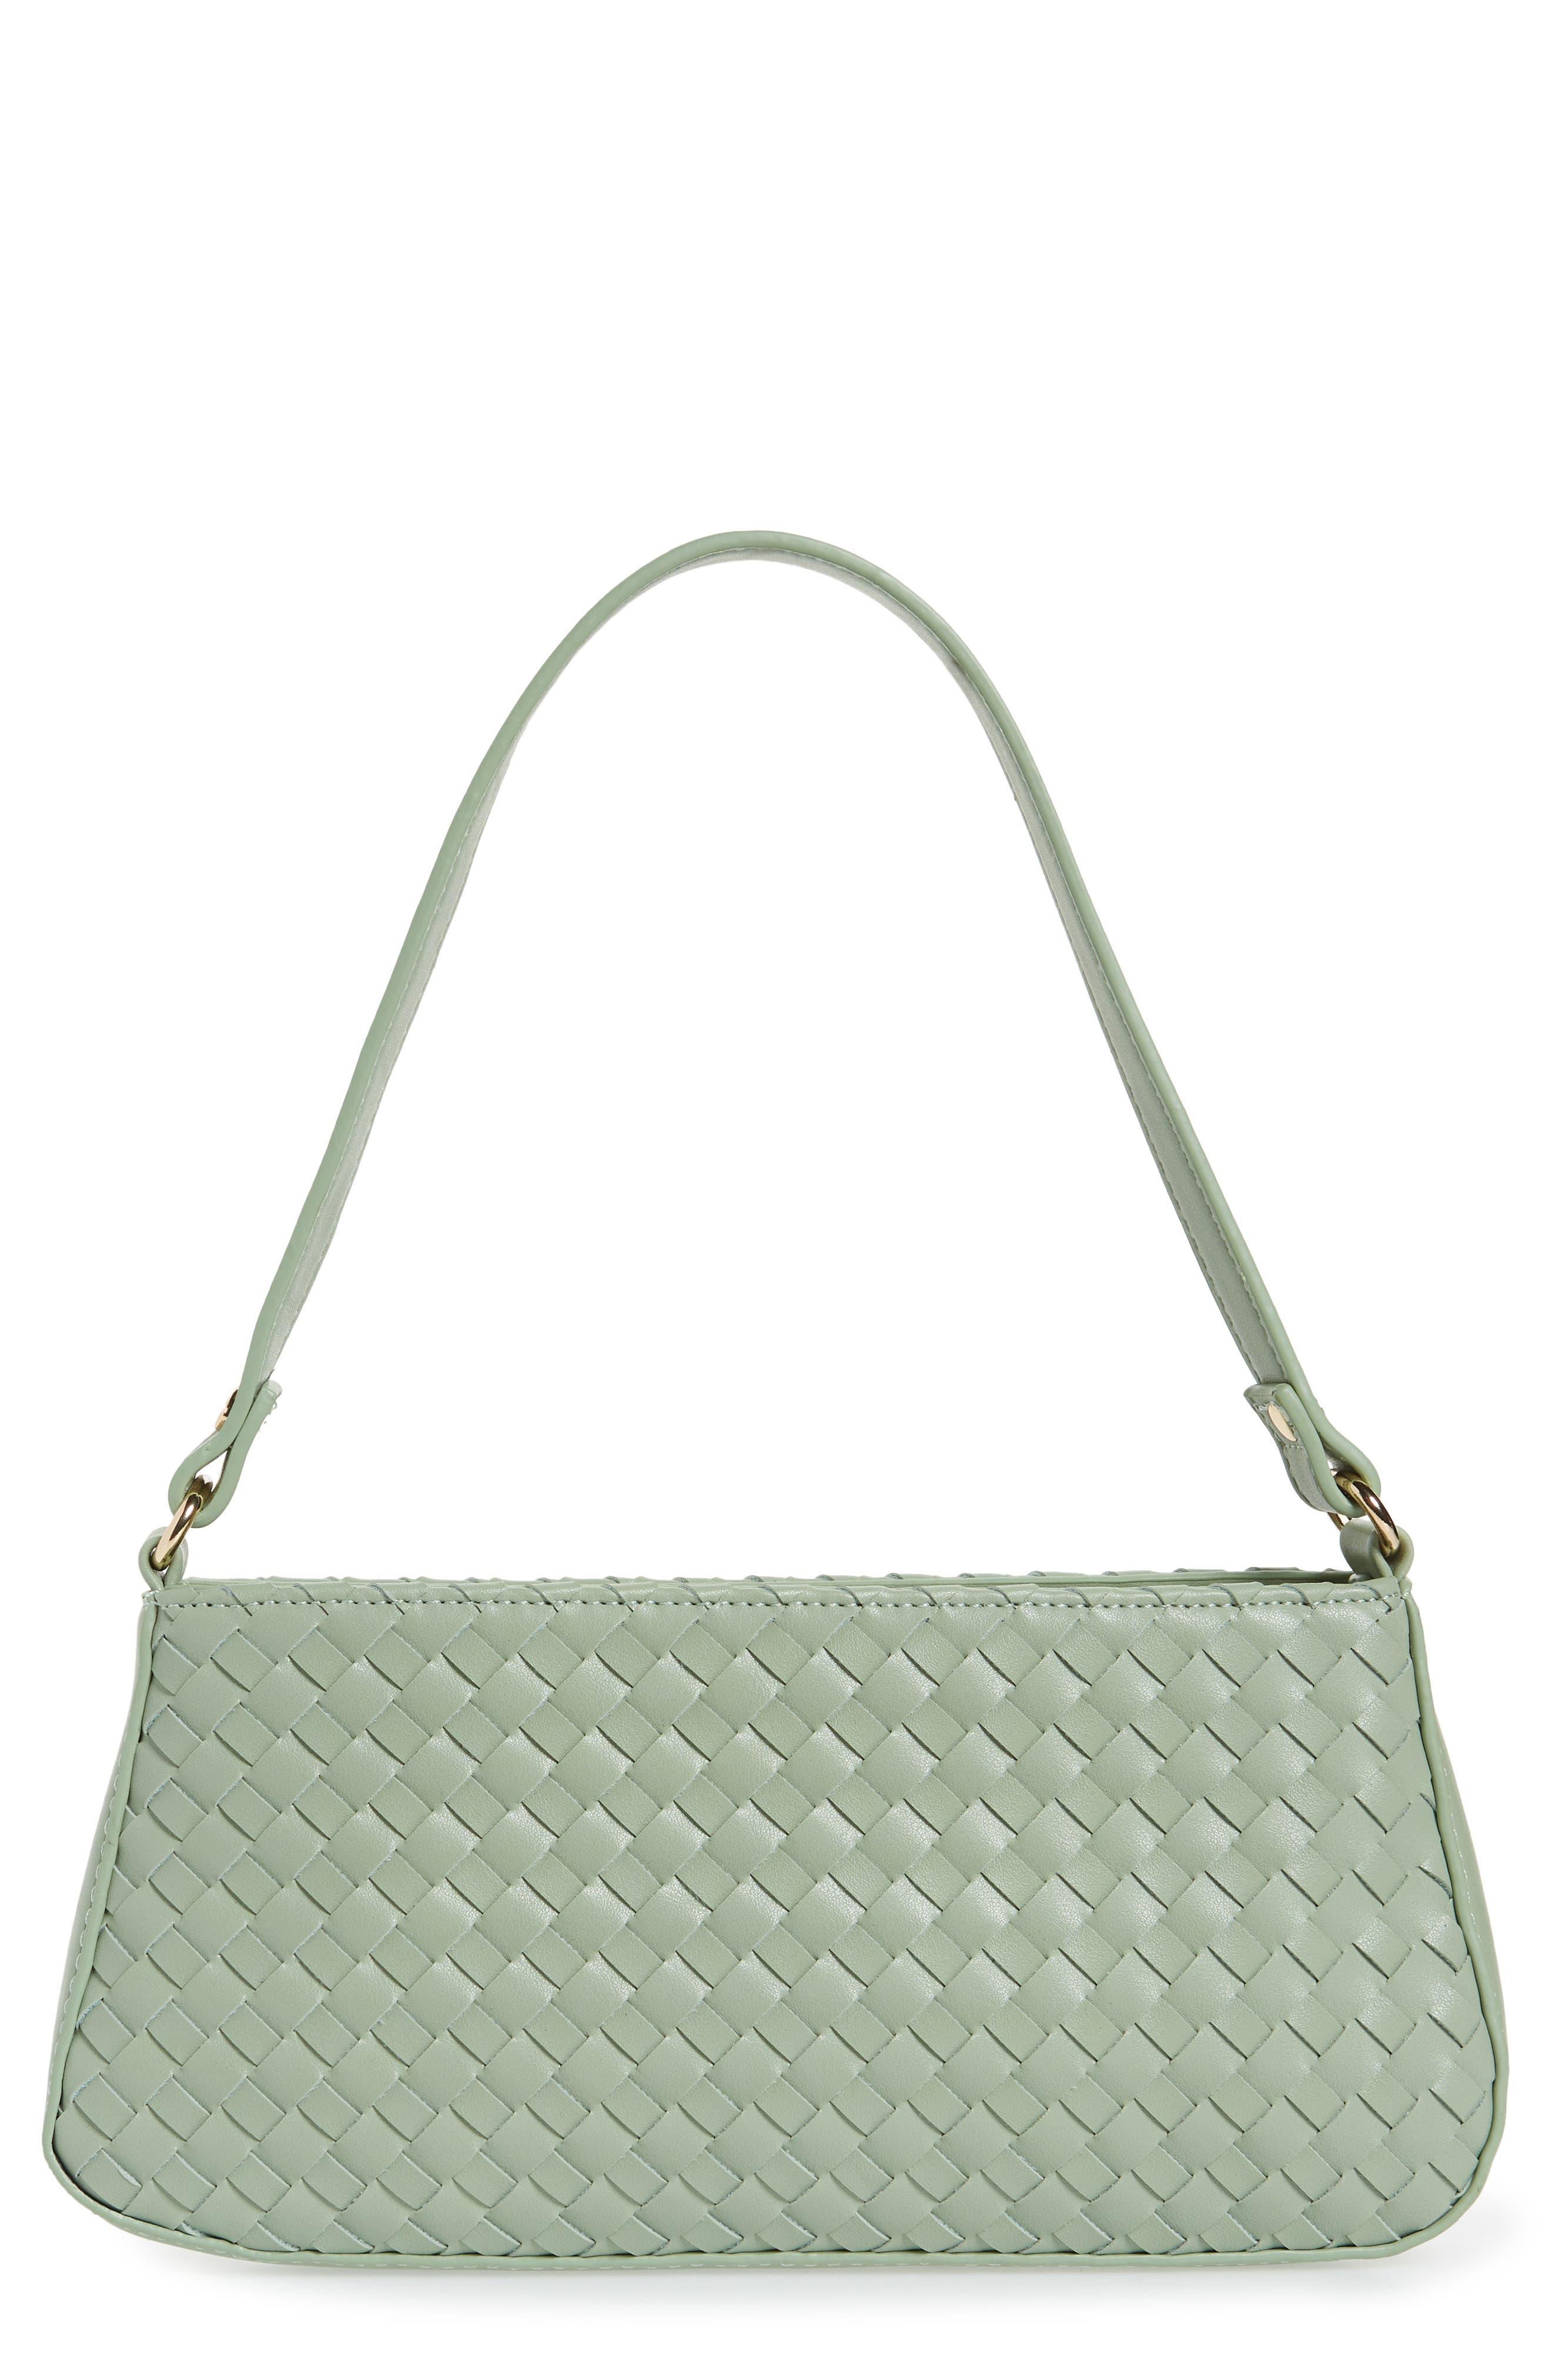 Mali + Lili Woven Vegan Leather Baguette Shoulder Bag